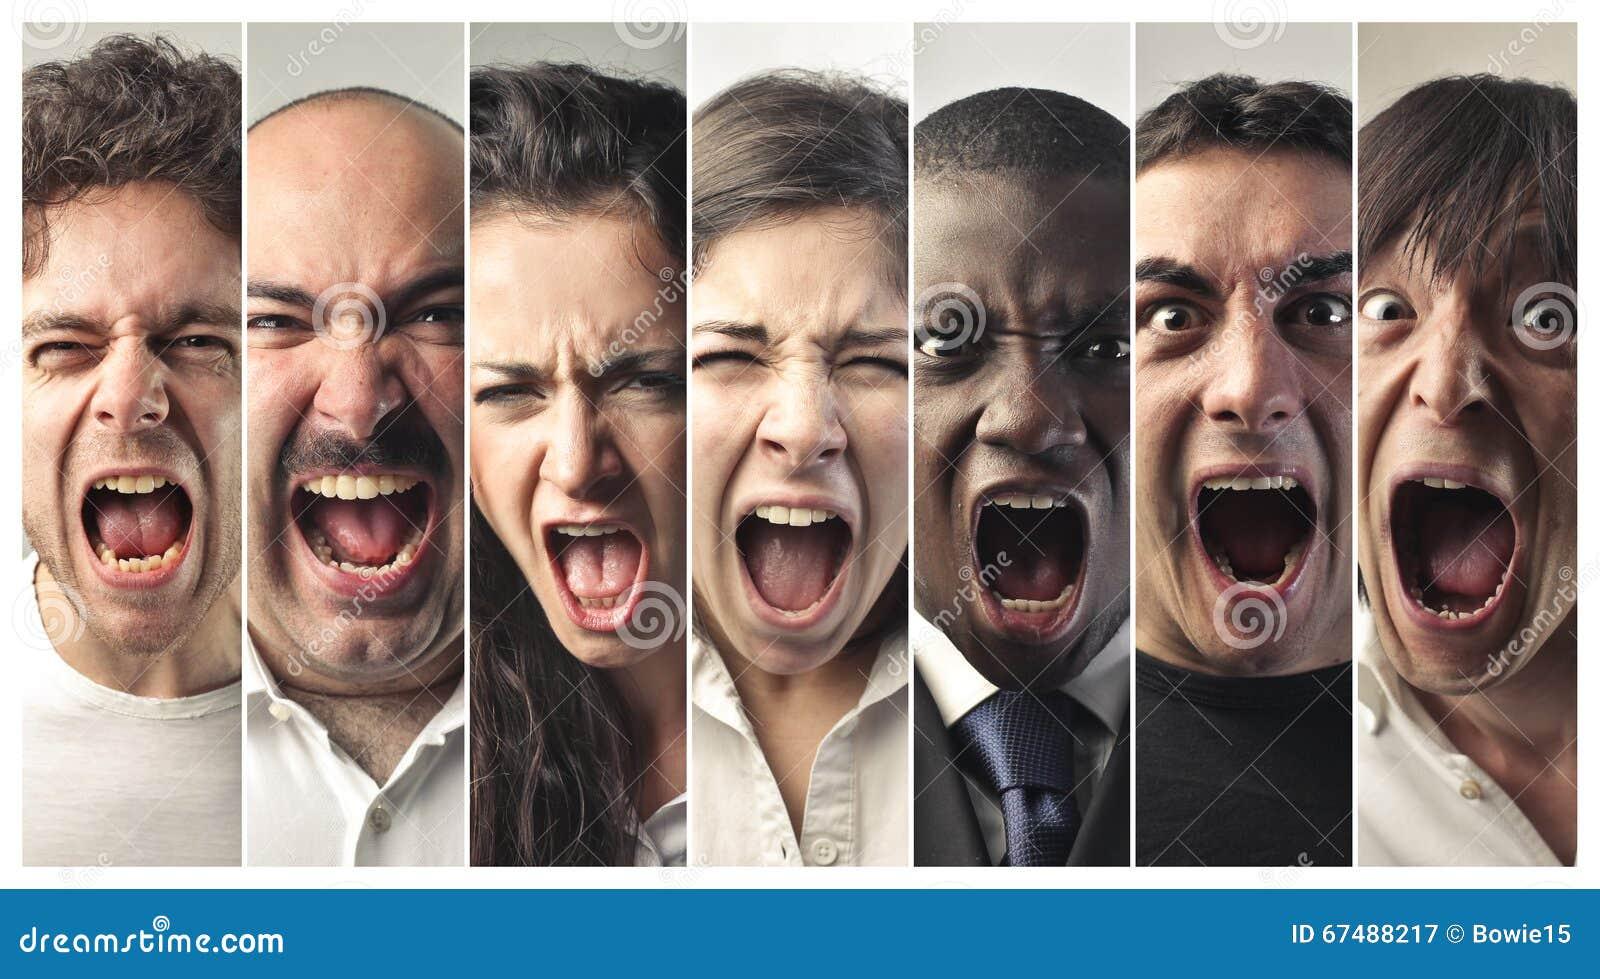 How do you write a 'scream' noise?